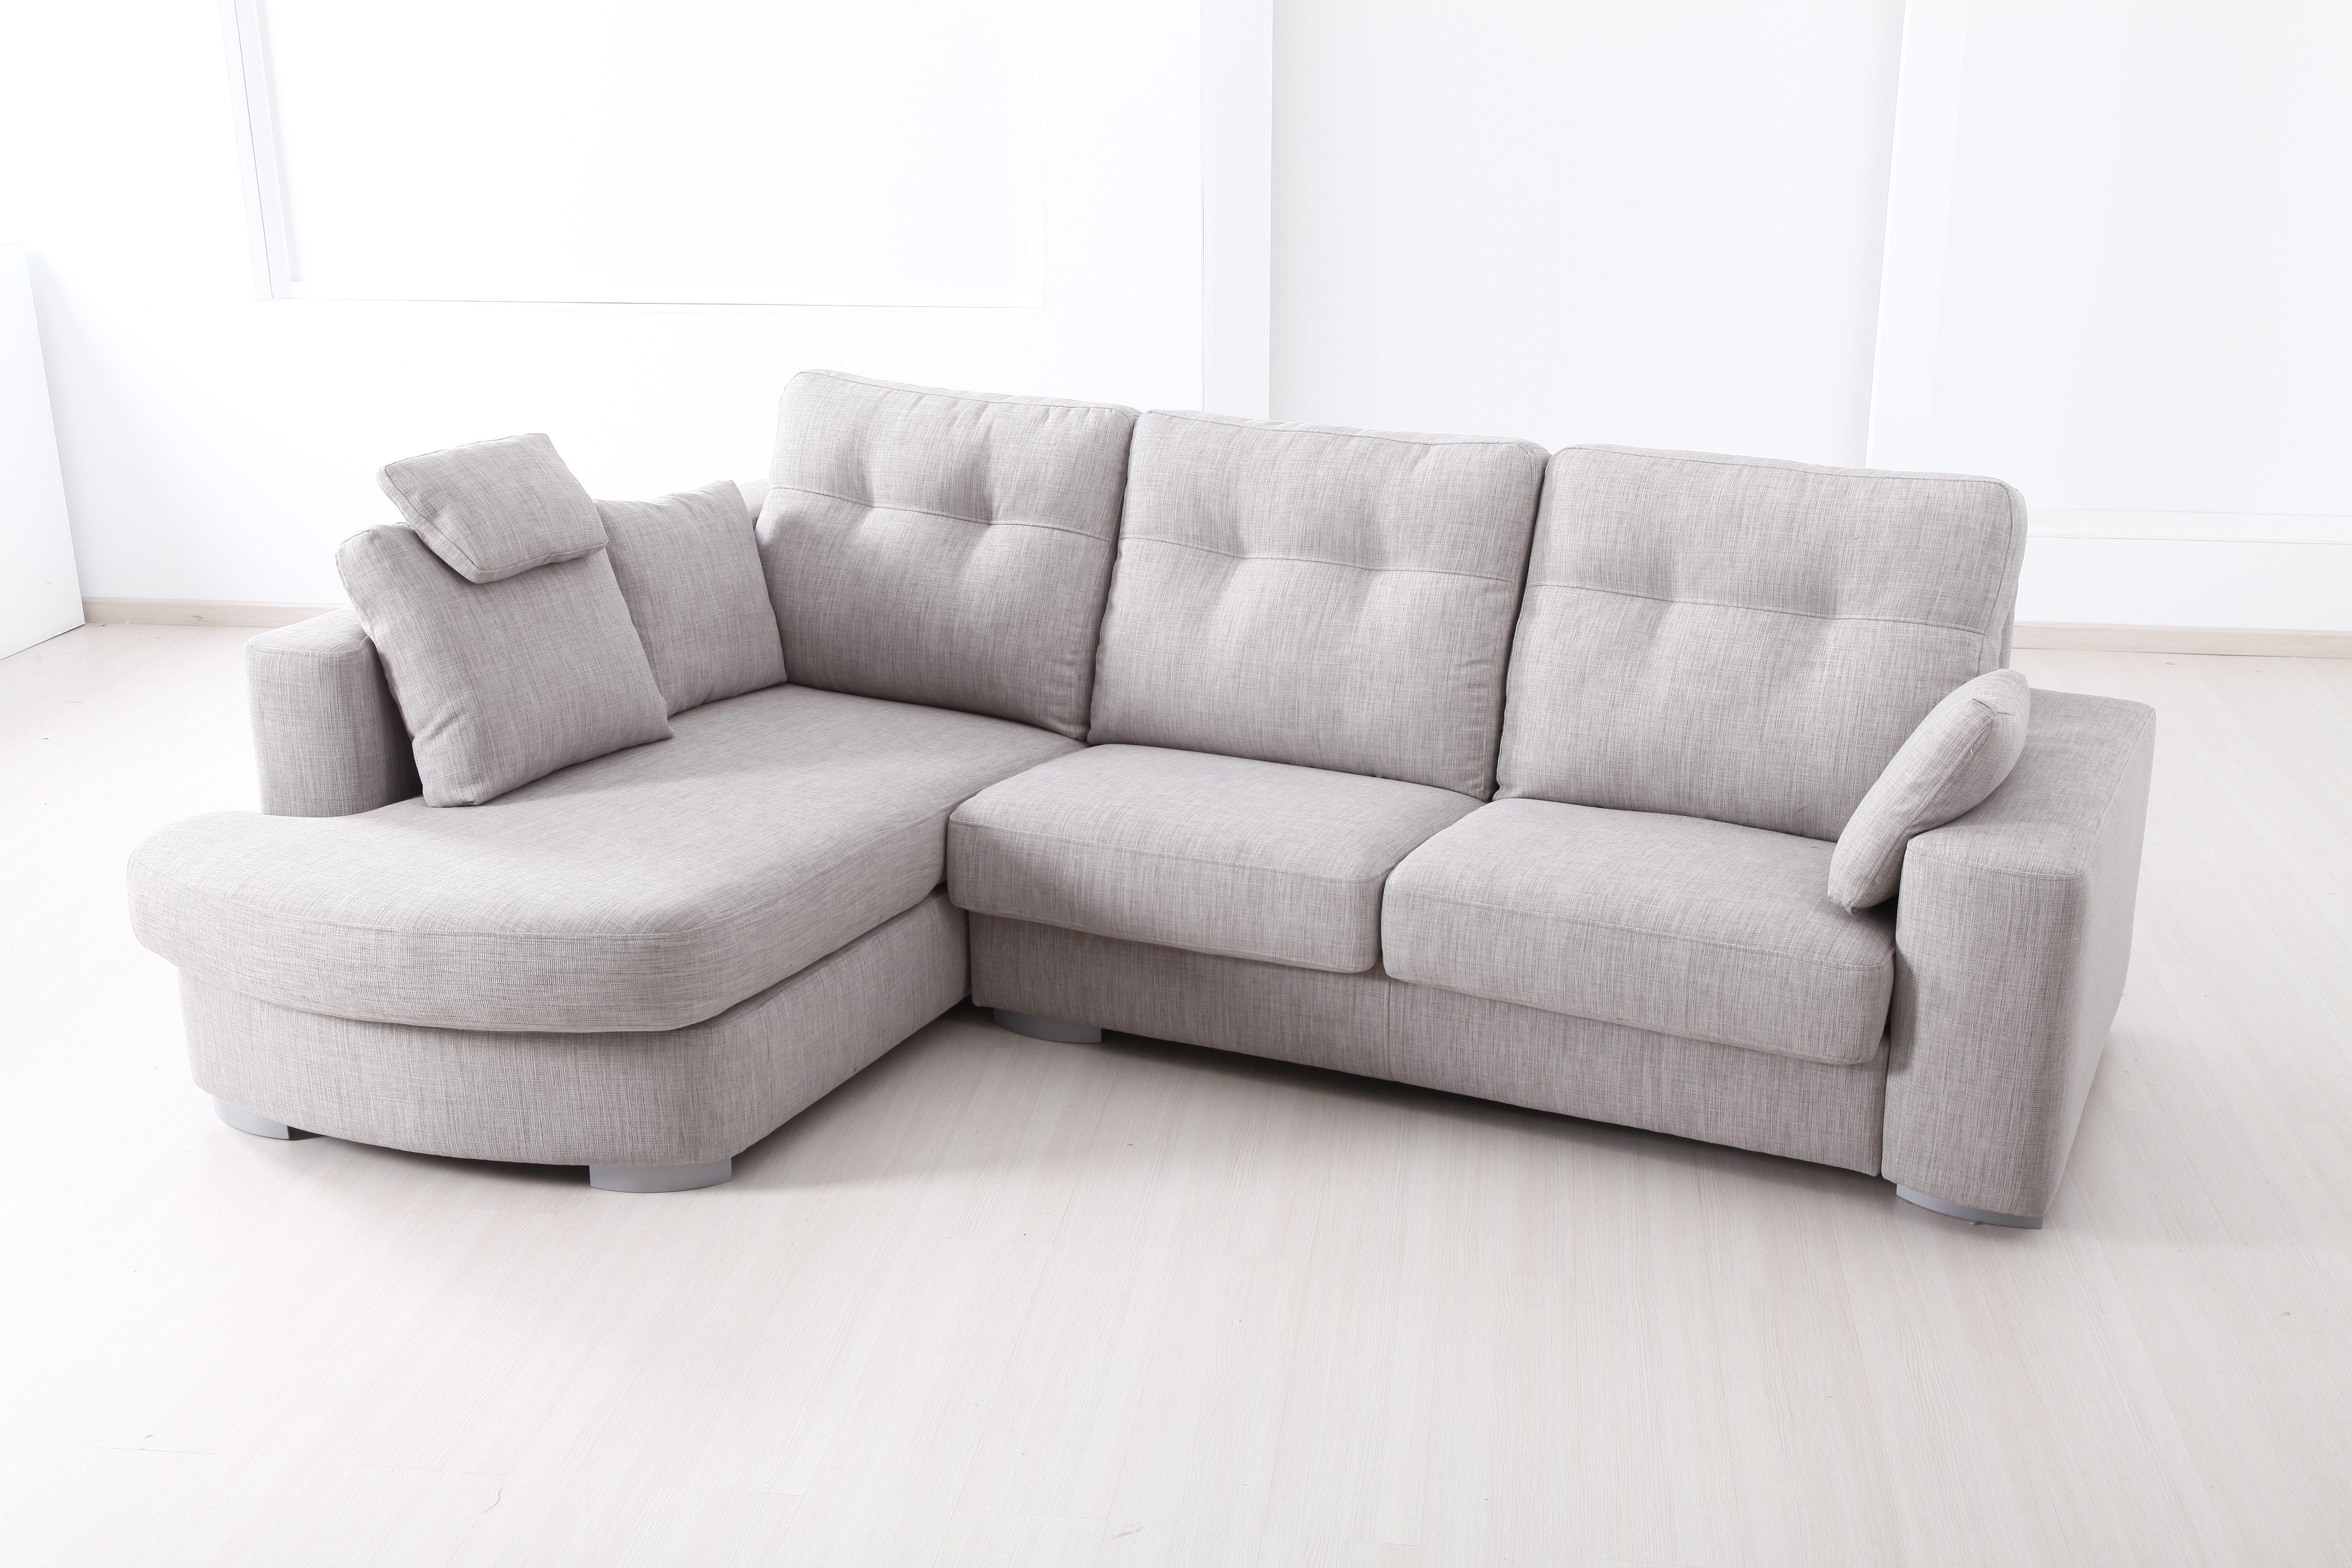 Amplio Programa De Modulacion Con Distintos Tipos De Chaisse Longue Y Con La Opcion De Arcon Con Reposapies Elev Fabric Sofa Corner Sofa Fabric Sofas Ireland